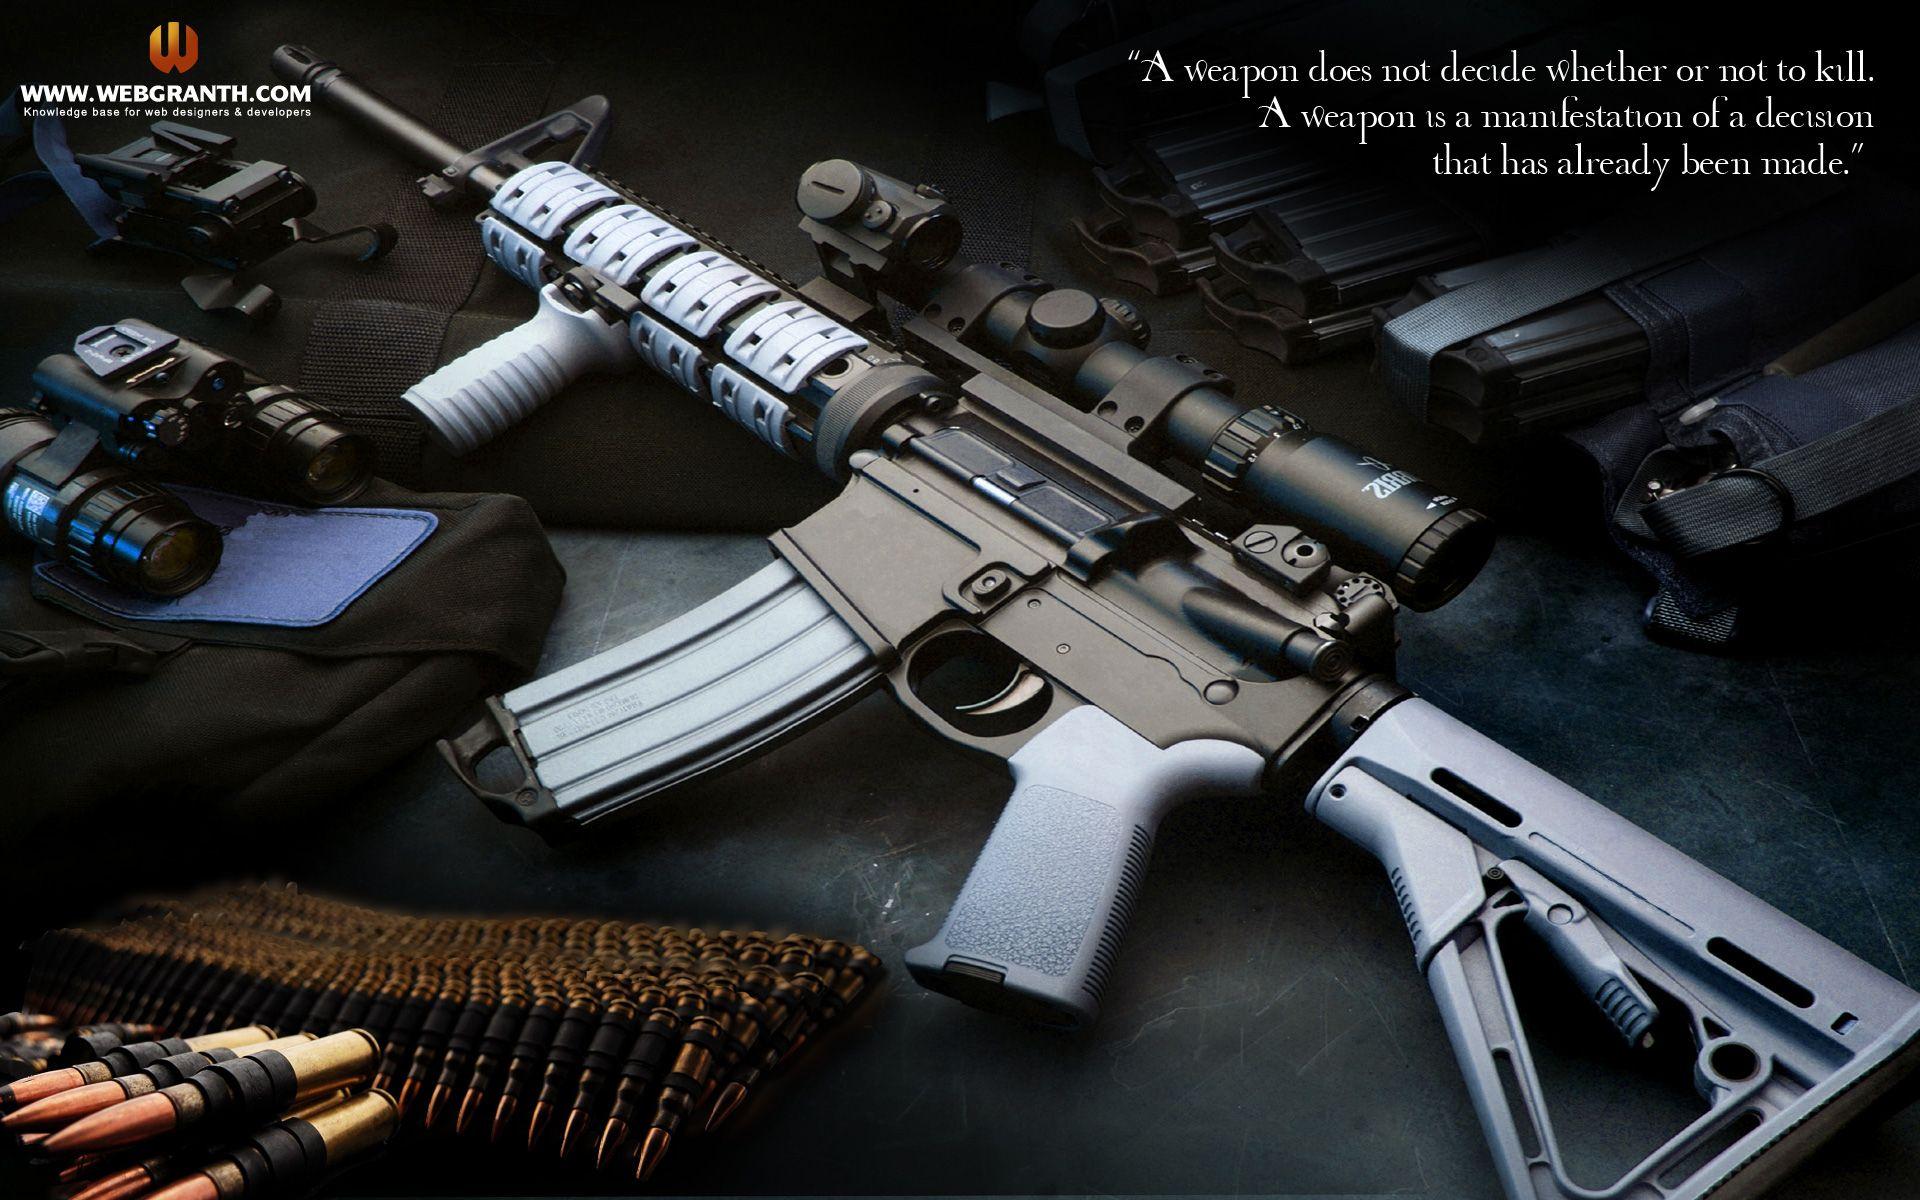 Free Guns Wallpaper 39 Full HD Guns Pics In HD 32HP